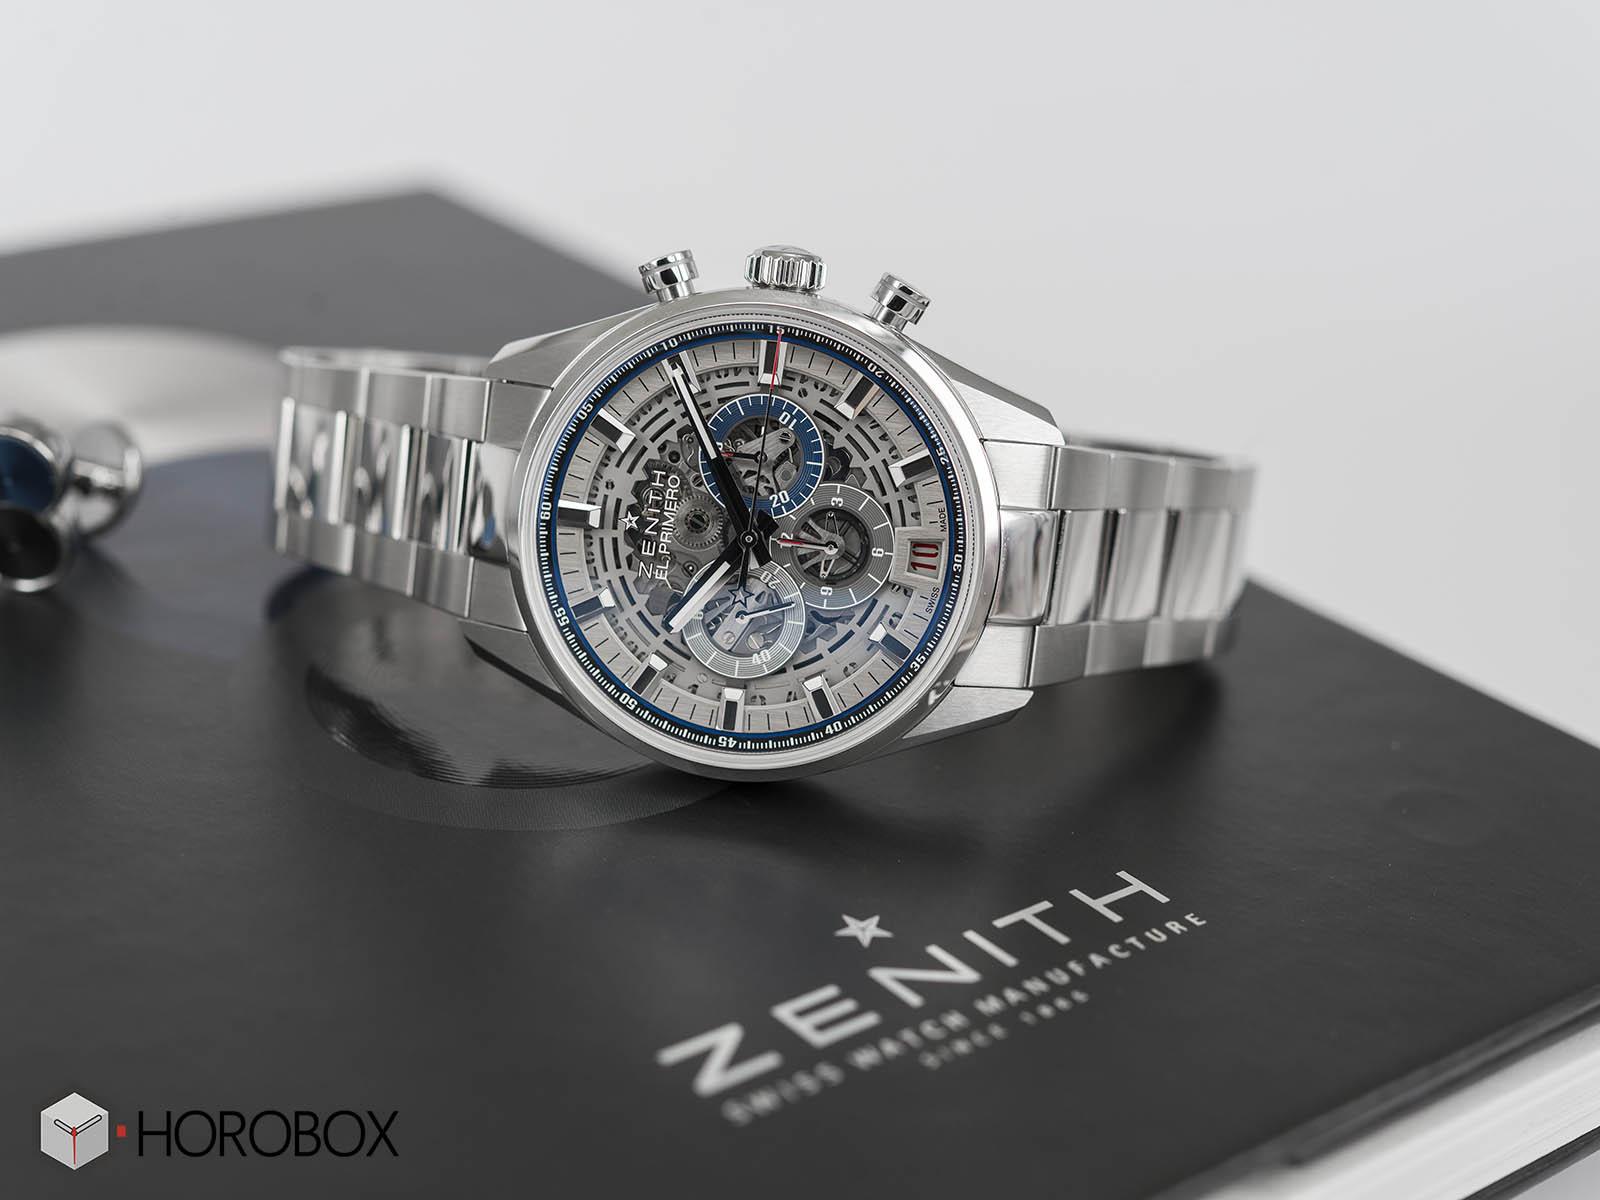 Zenith-Chronomaster-El-Primero-Full-Open-6.jpg